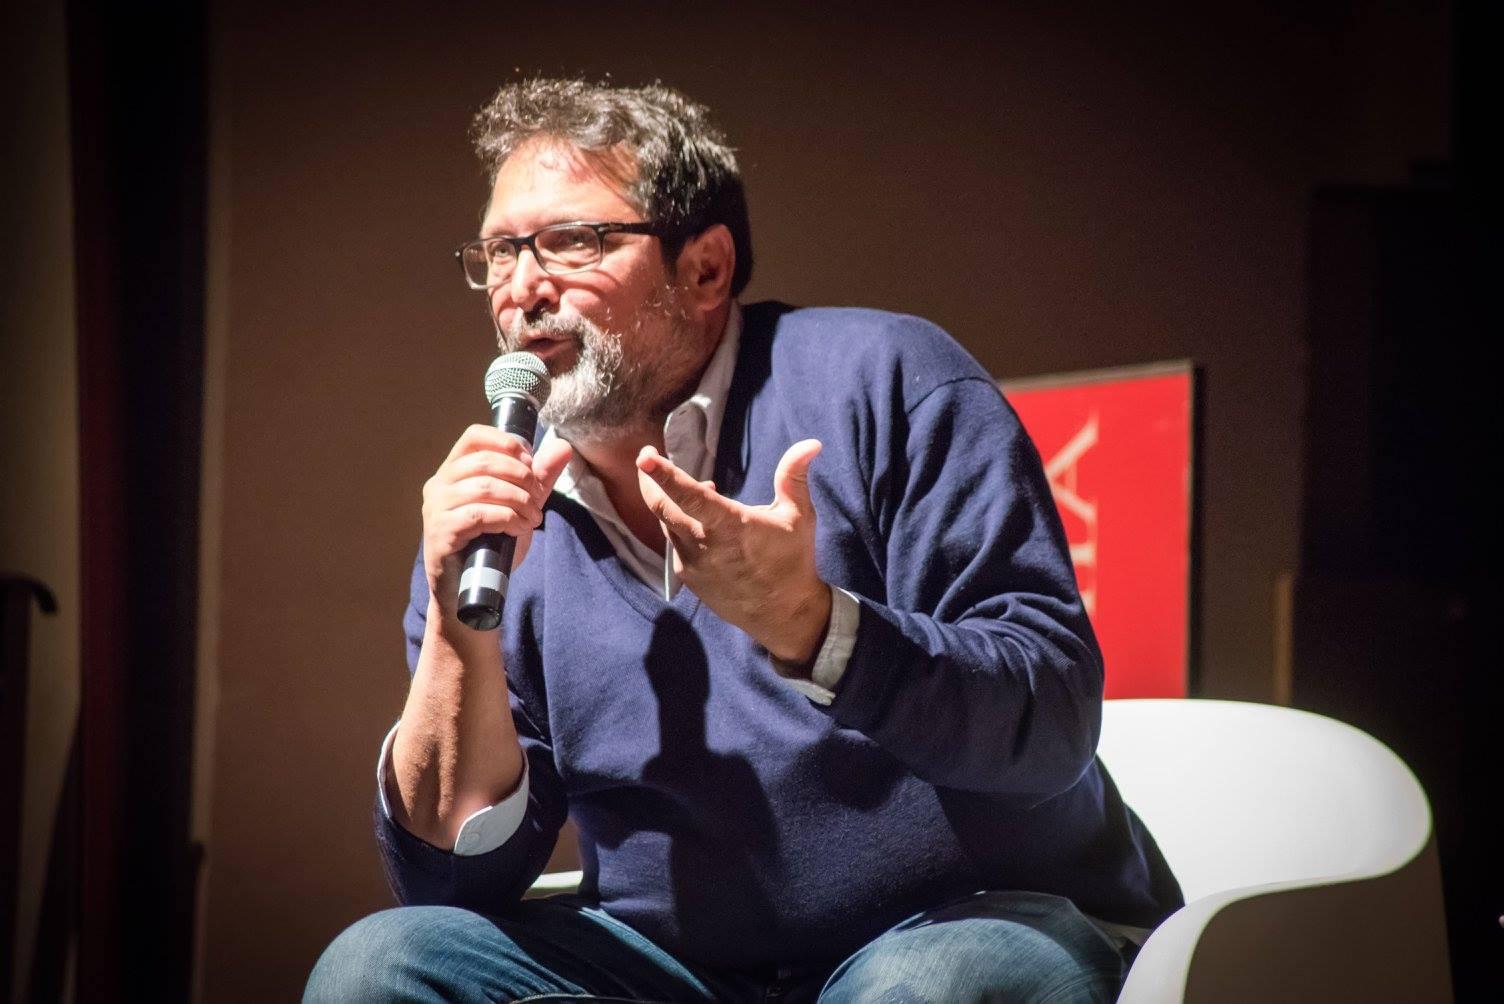 Malore improvviso al ristorante: muore il regista Alessandro Valori